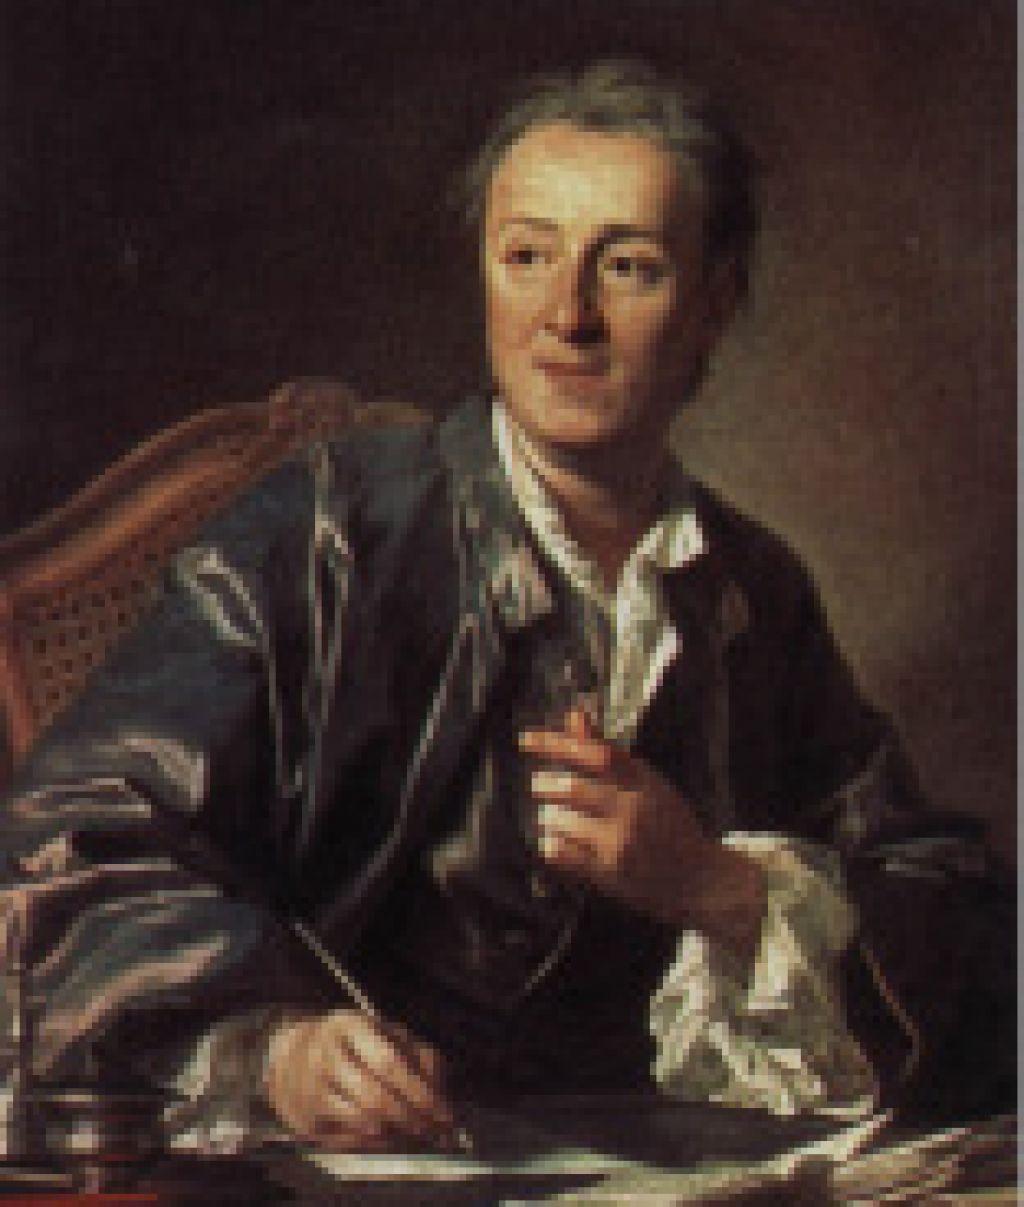 Denis Diderot: človek kot »sveženj vlaken«?